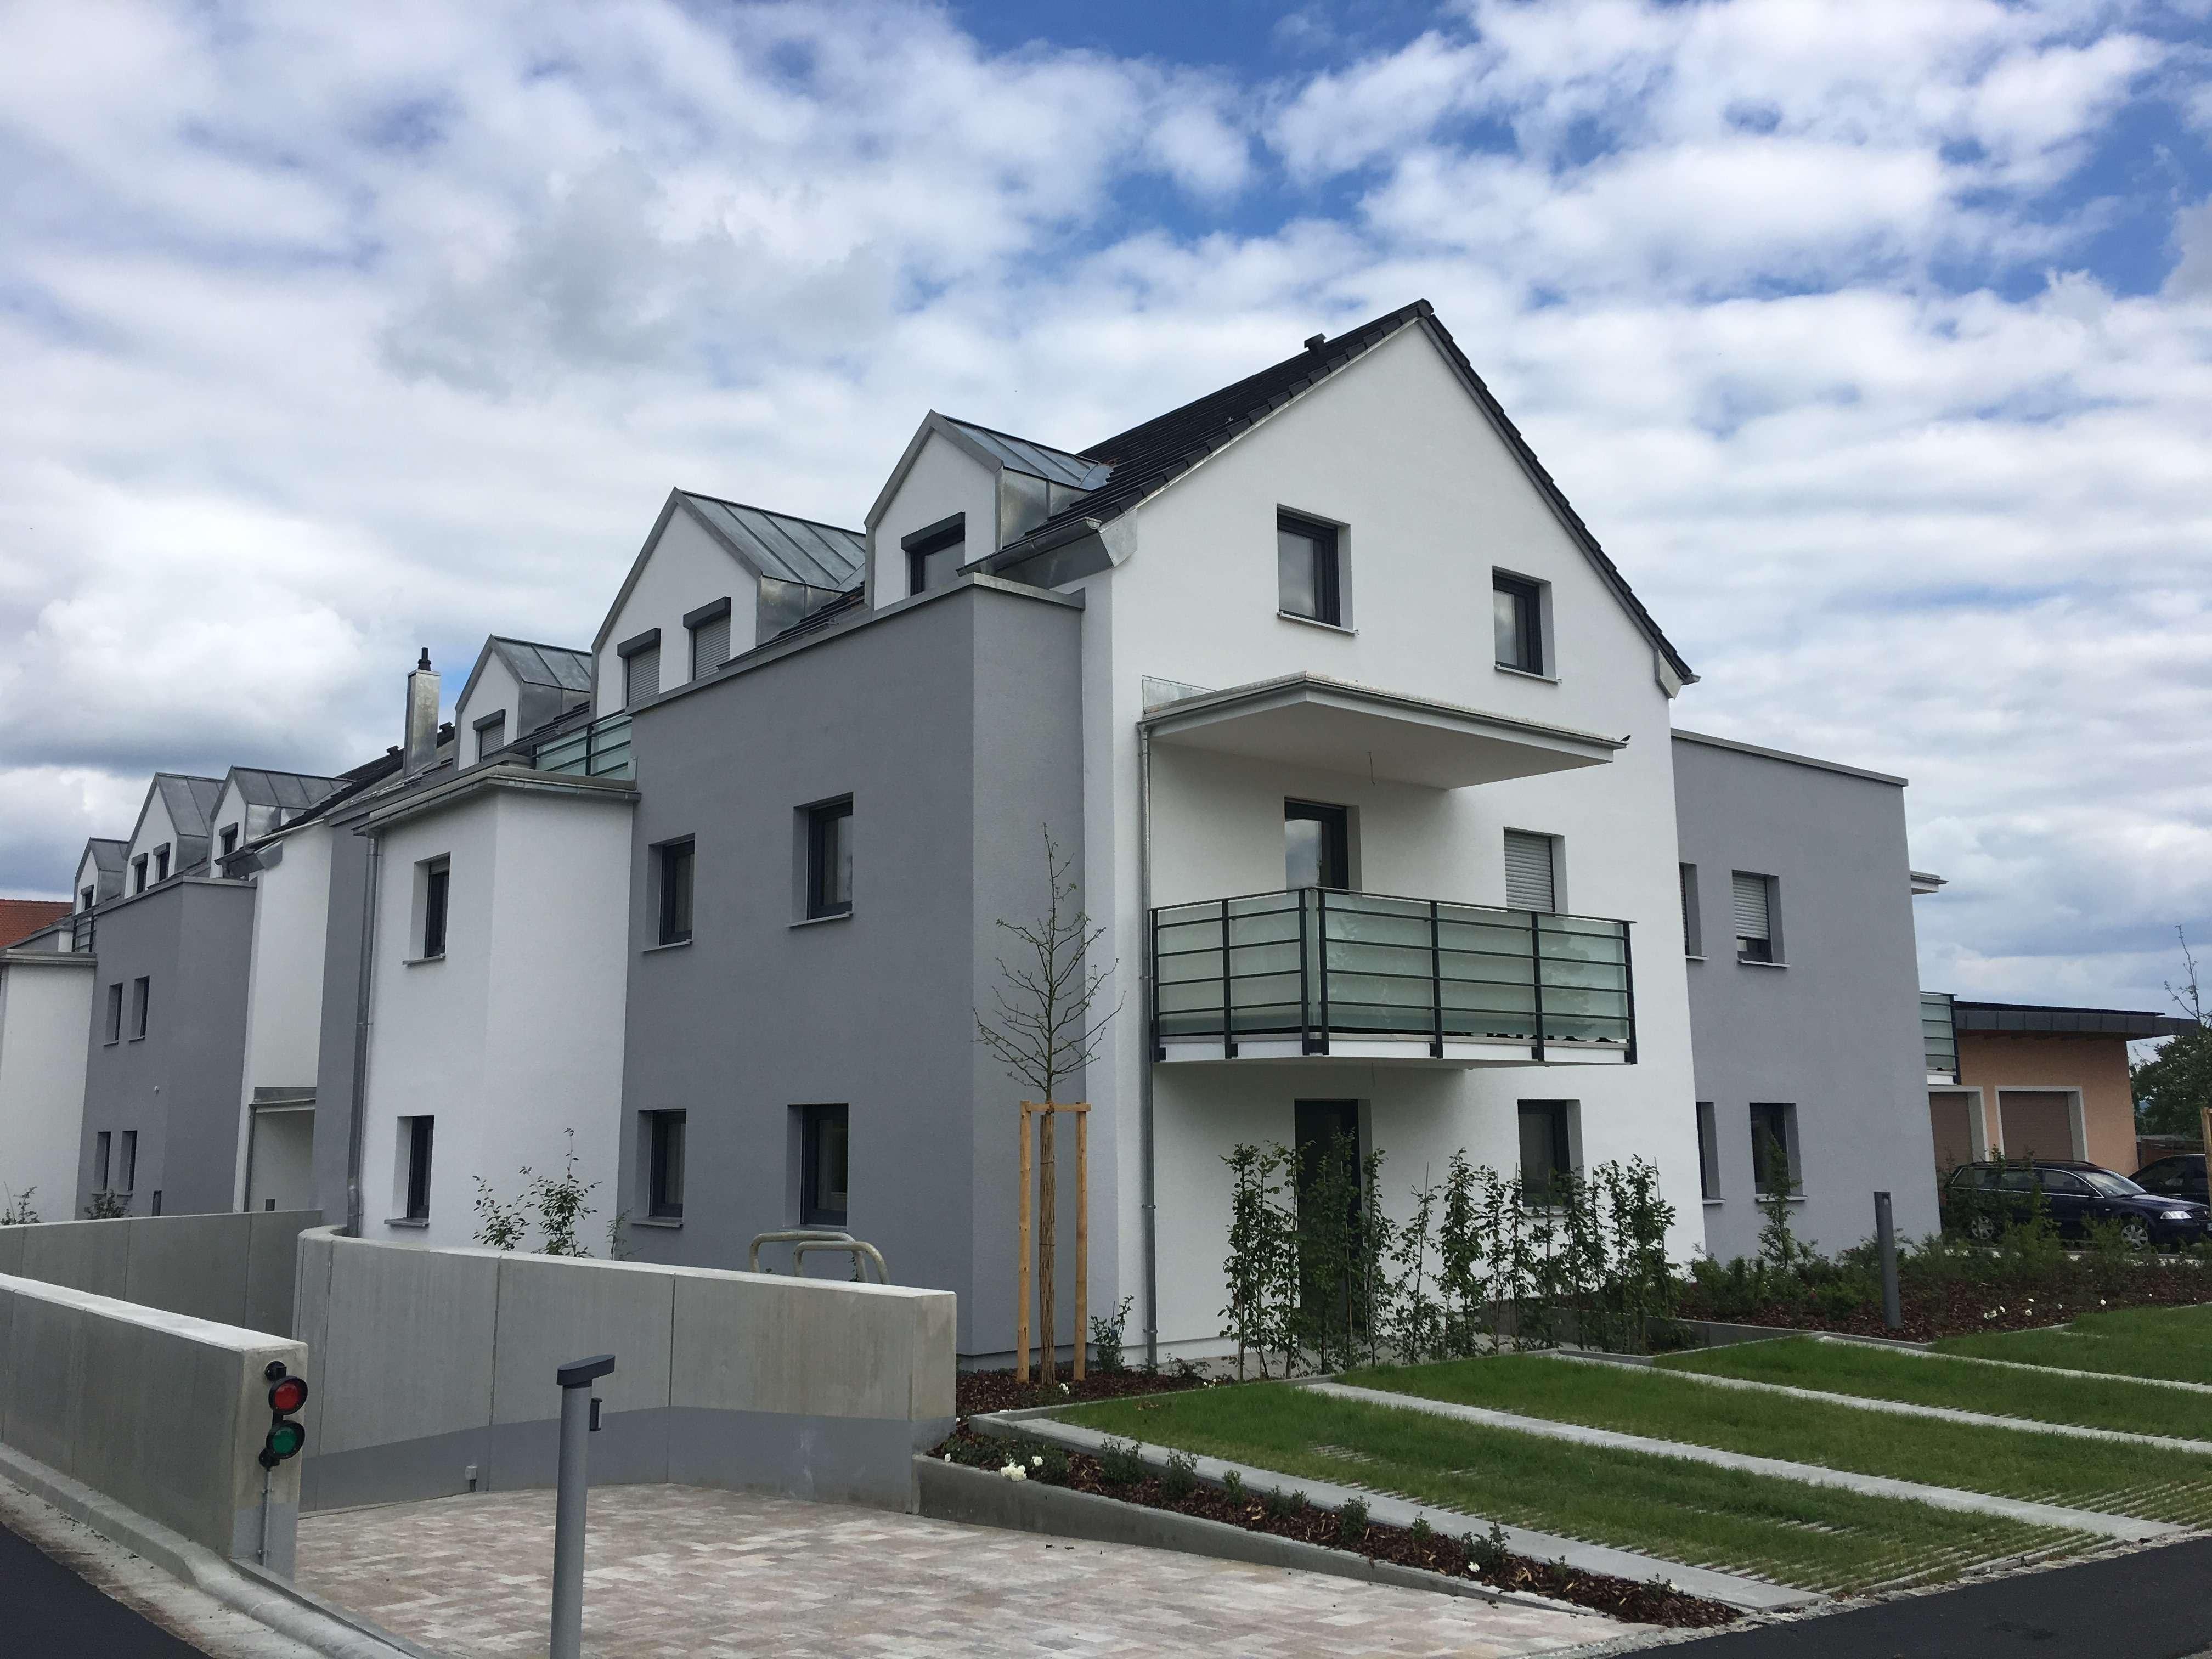 85 qm Wohnung zu vermieten, barrierefrei,ab 01.08.2020 in